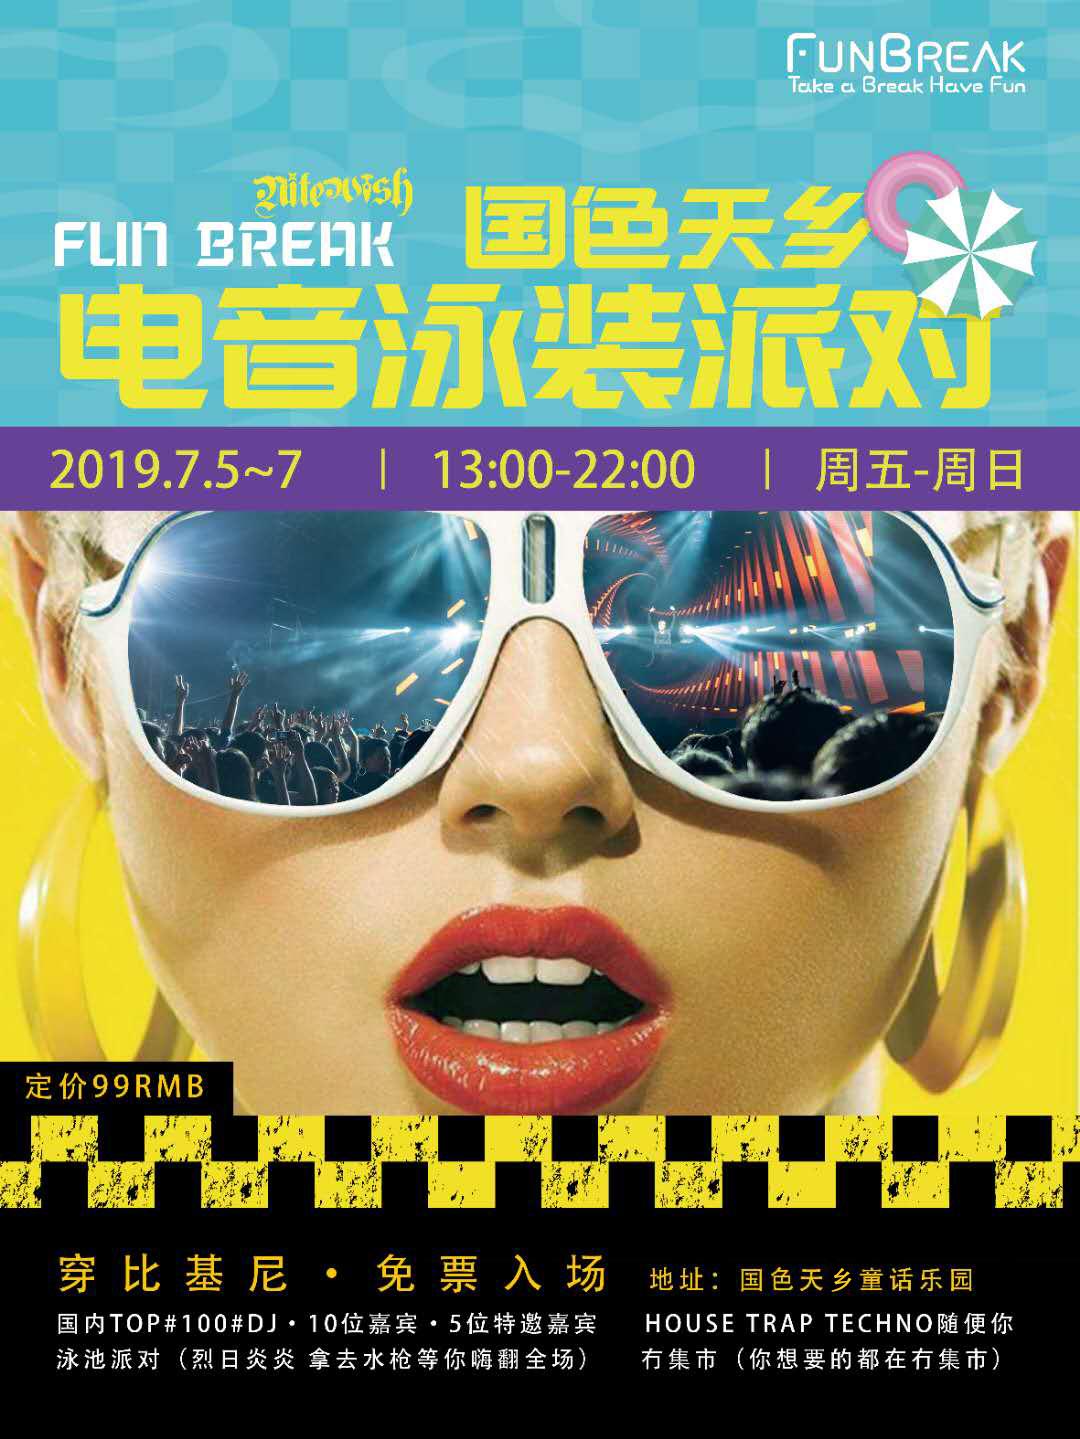 2019 FUN BREAK 成都�音泳池派��